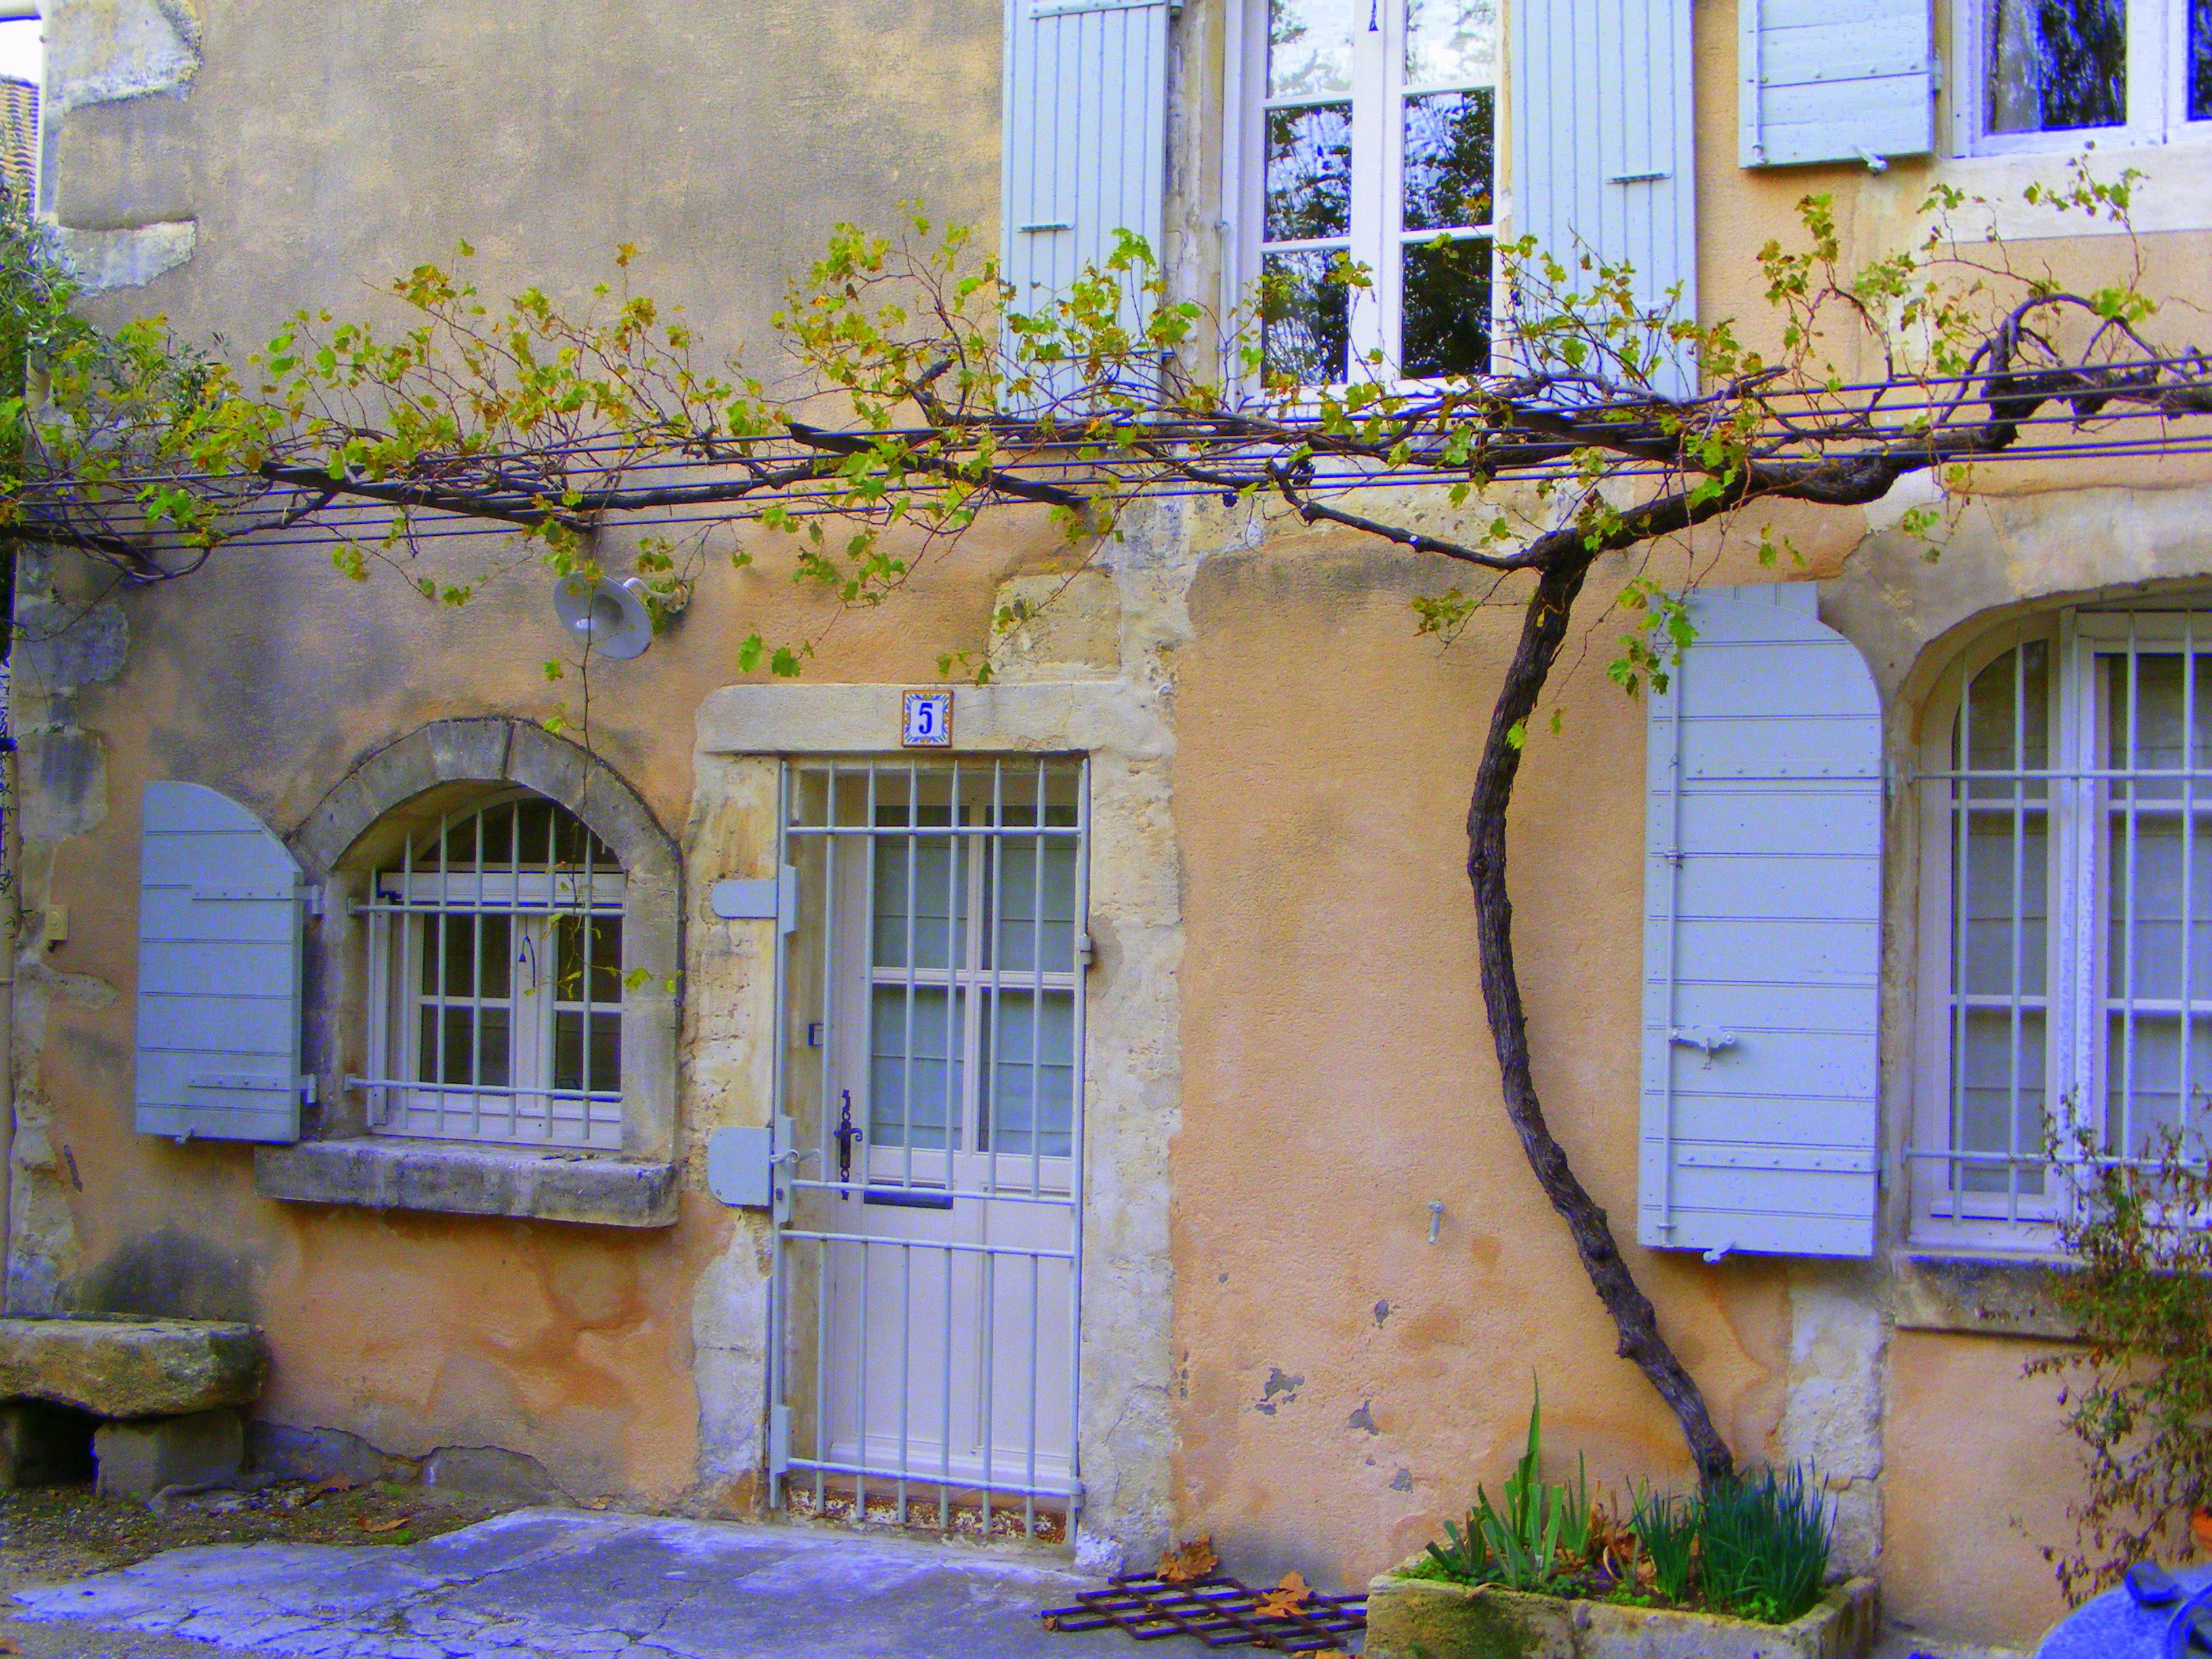 Le vieux maussane office de tourisme maussane les - Entremont le vieux office de tourisme ...